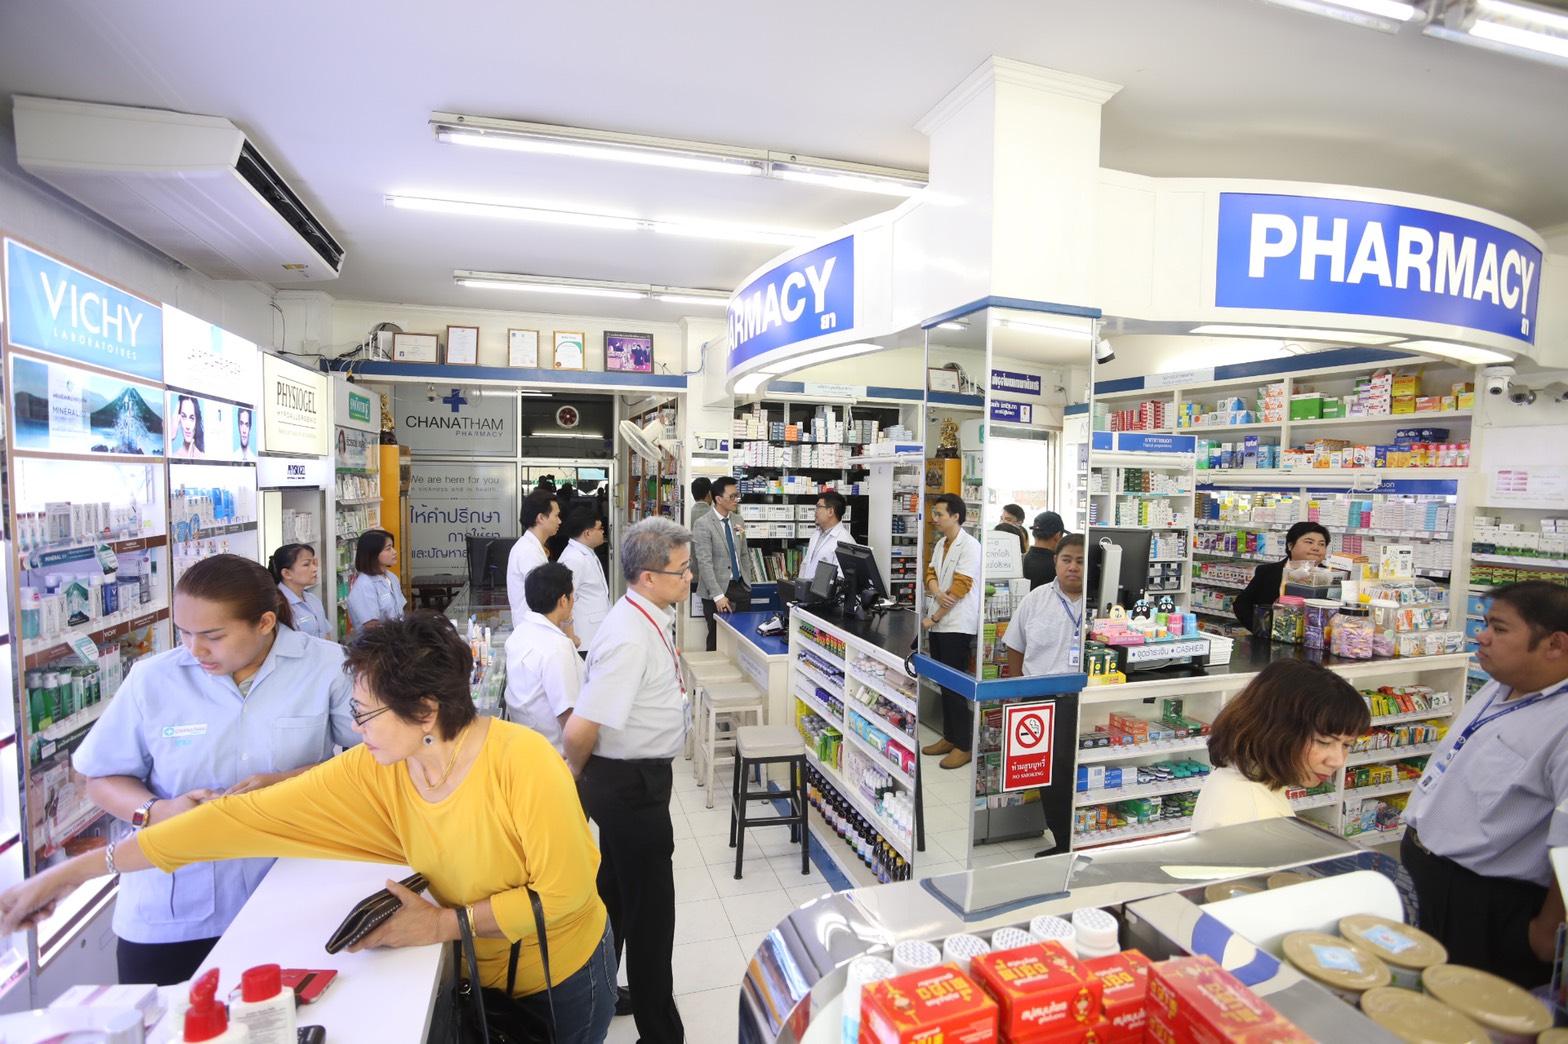 สระบุรีนำร่อง 4 รพ. จ่ายยาผ่าน 22 ร้านยาลดแออัด รองรับผู้ป่วย 1.06 หมื่นคน พร้อมเริ่ม 1 ต.ค.